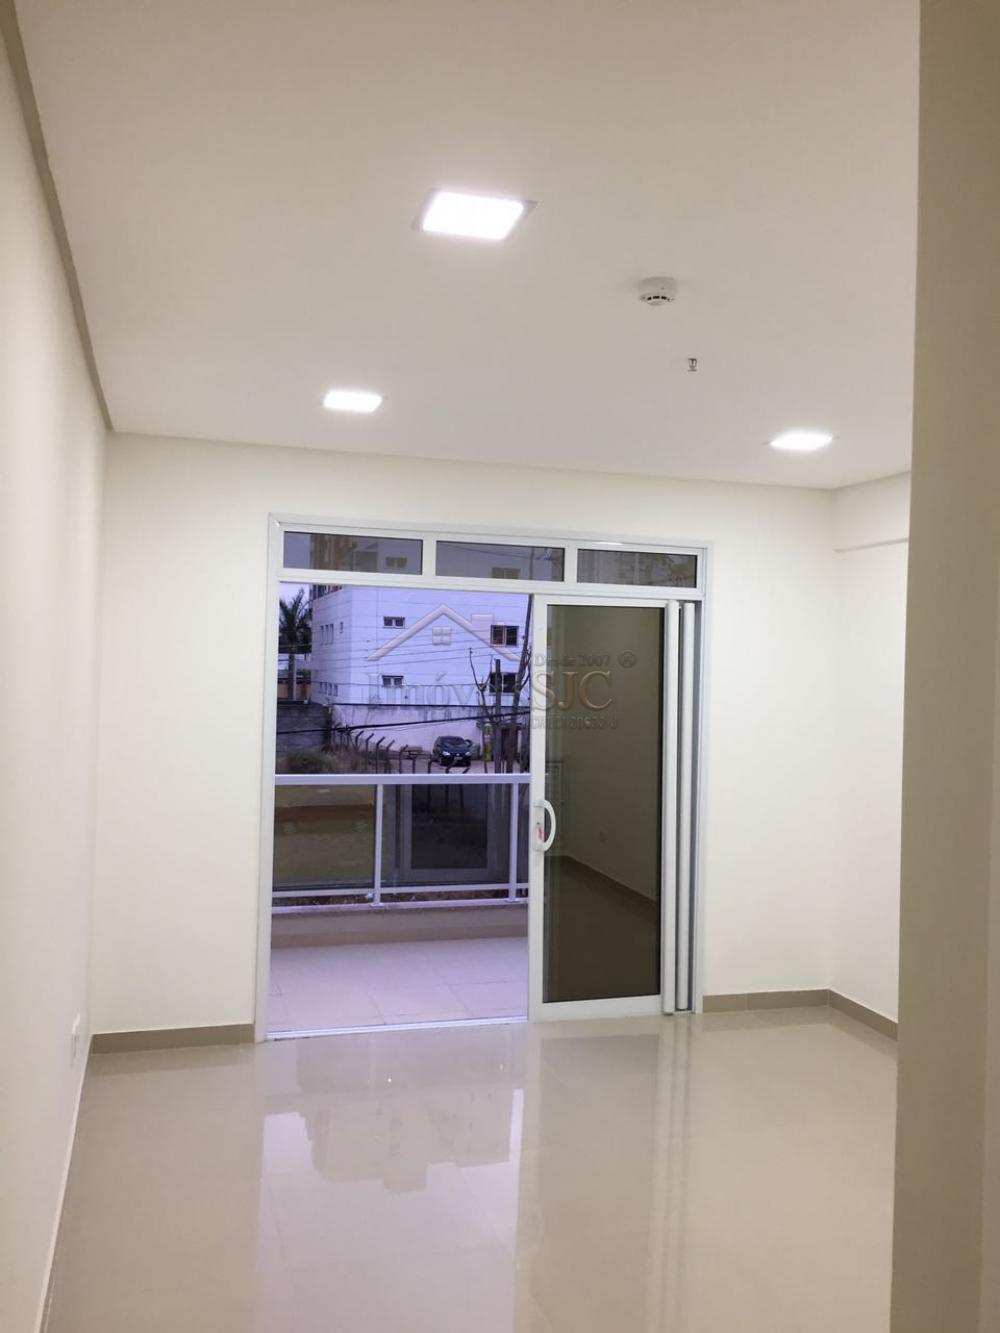 Alugar Comerciais / Sala em São José dos Campos apenas R$ 1.050,00 - Foto 5